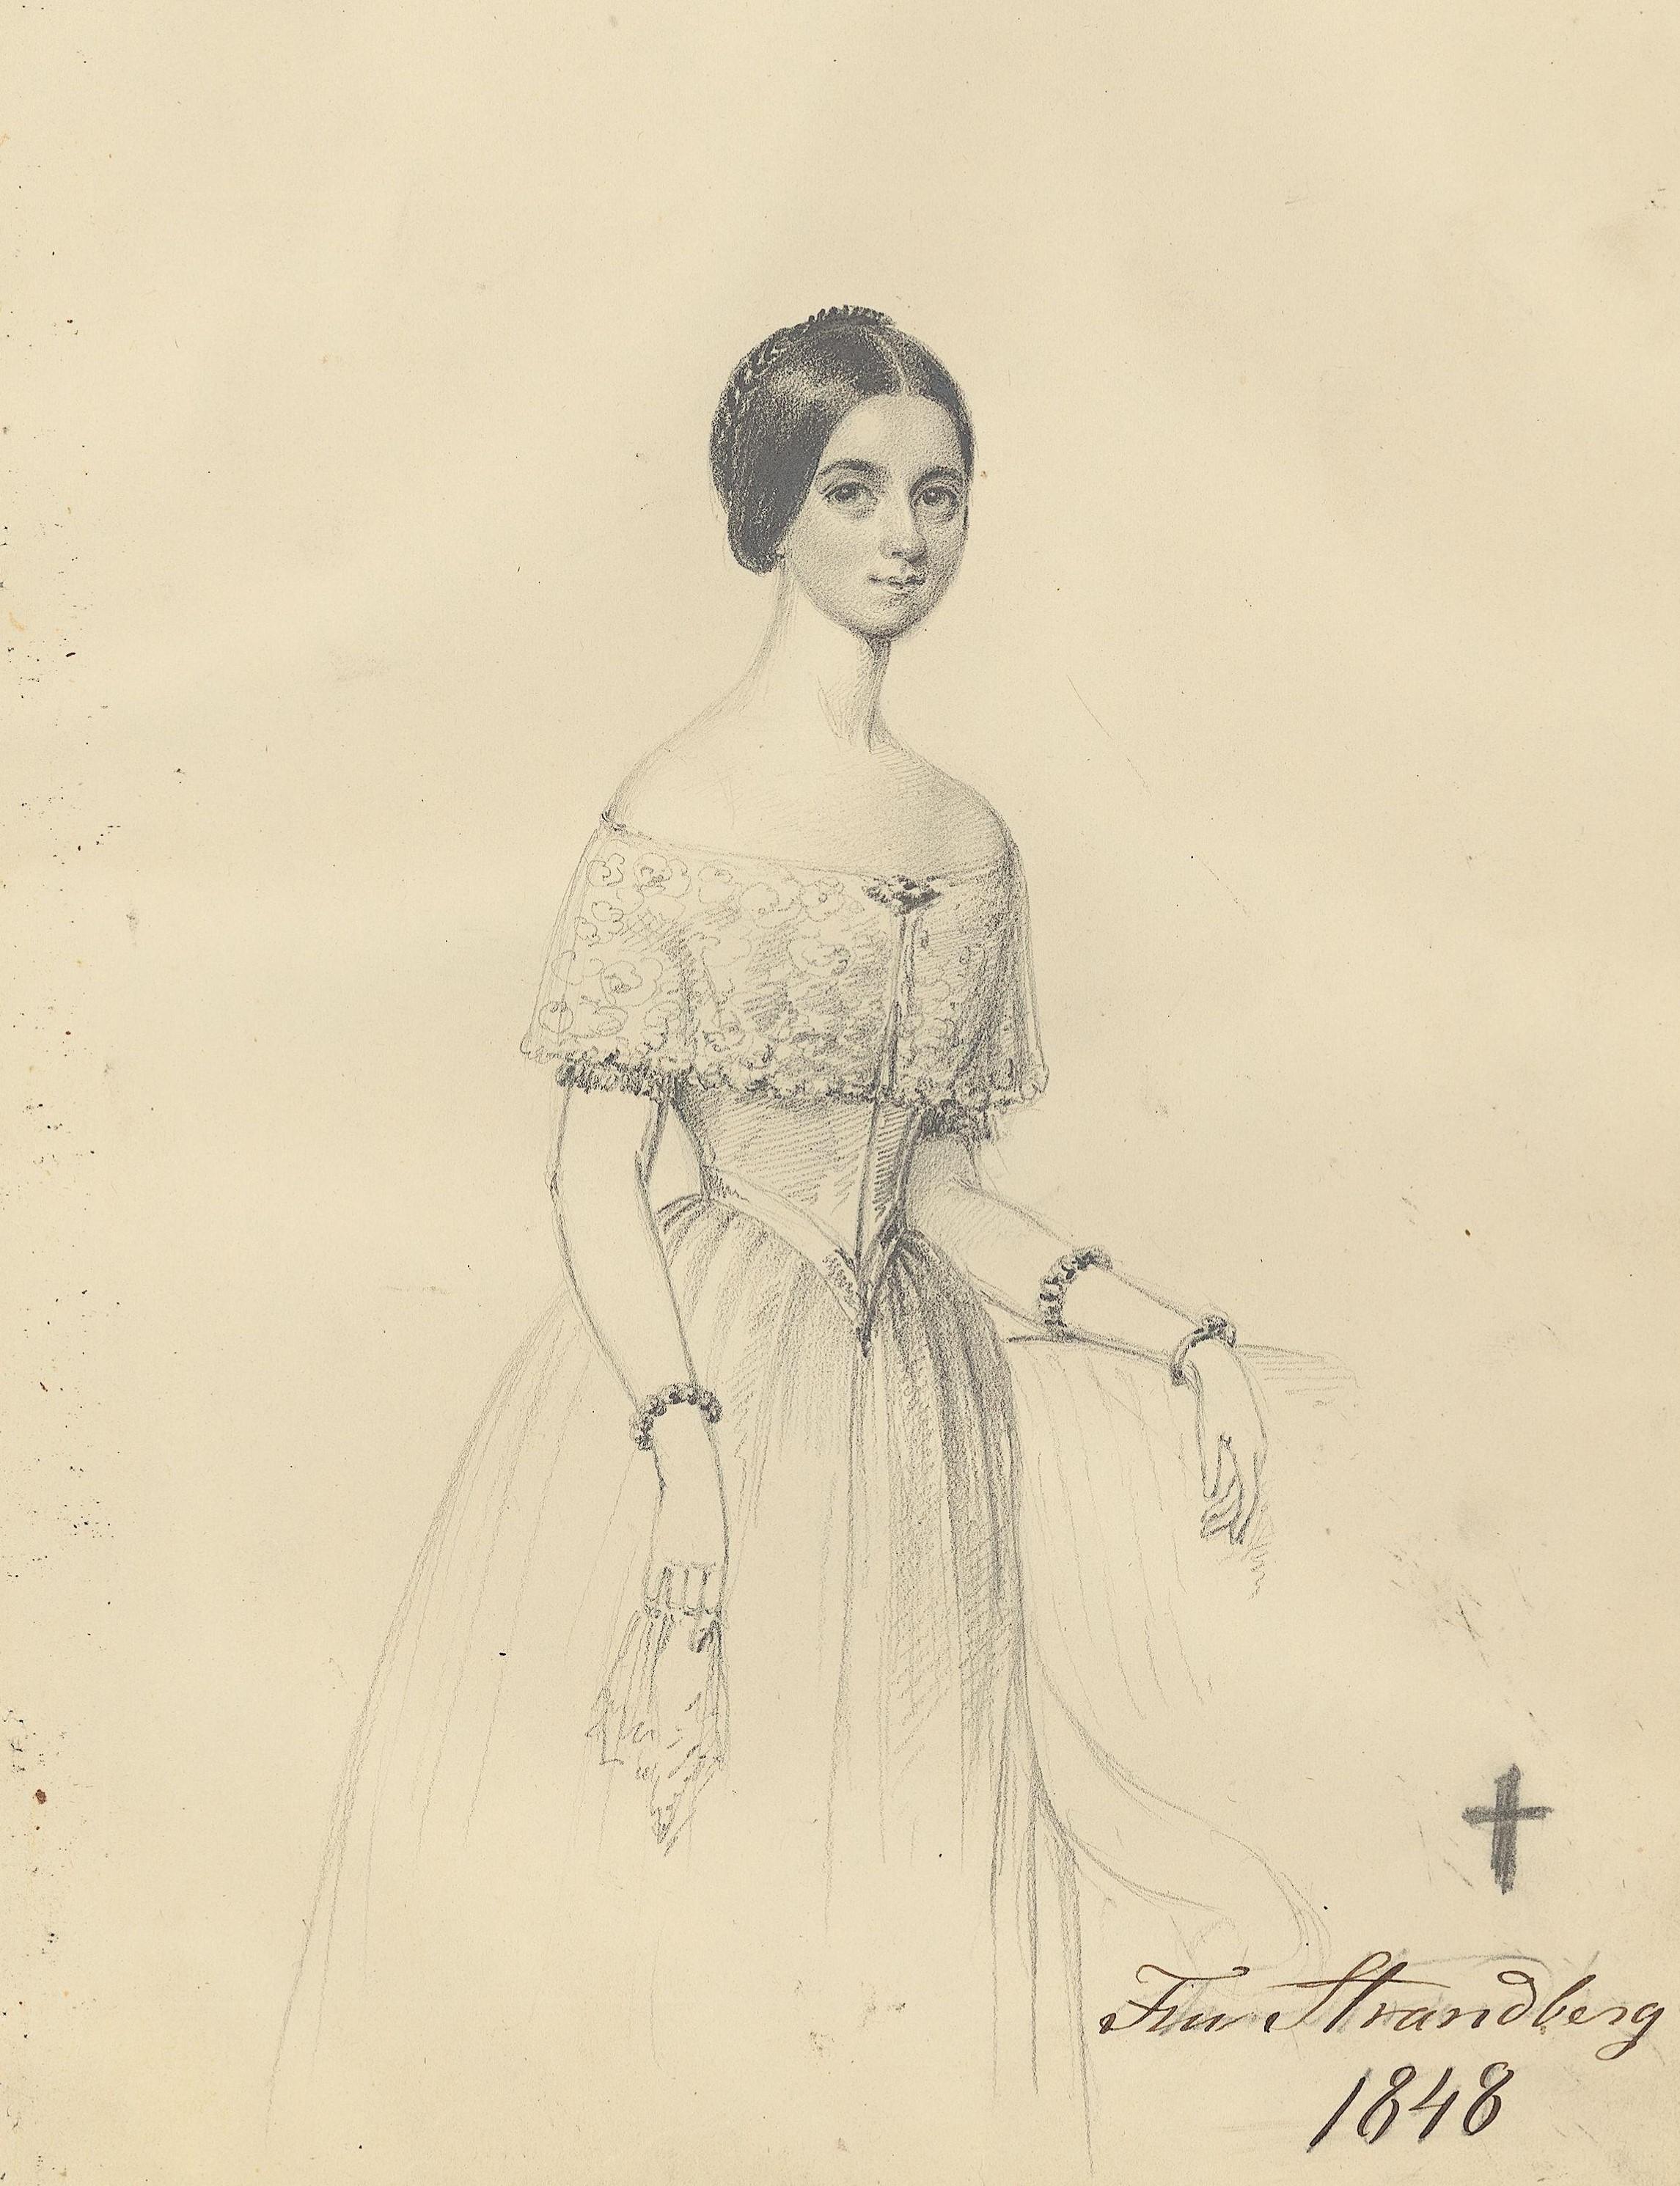 Aurora Strandberg, tecknad 1848 av Maria Röhl (1801-1875). Kungliga biblioteket